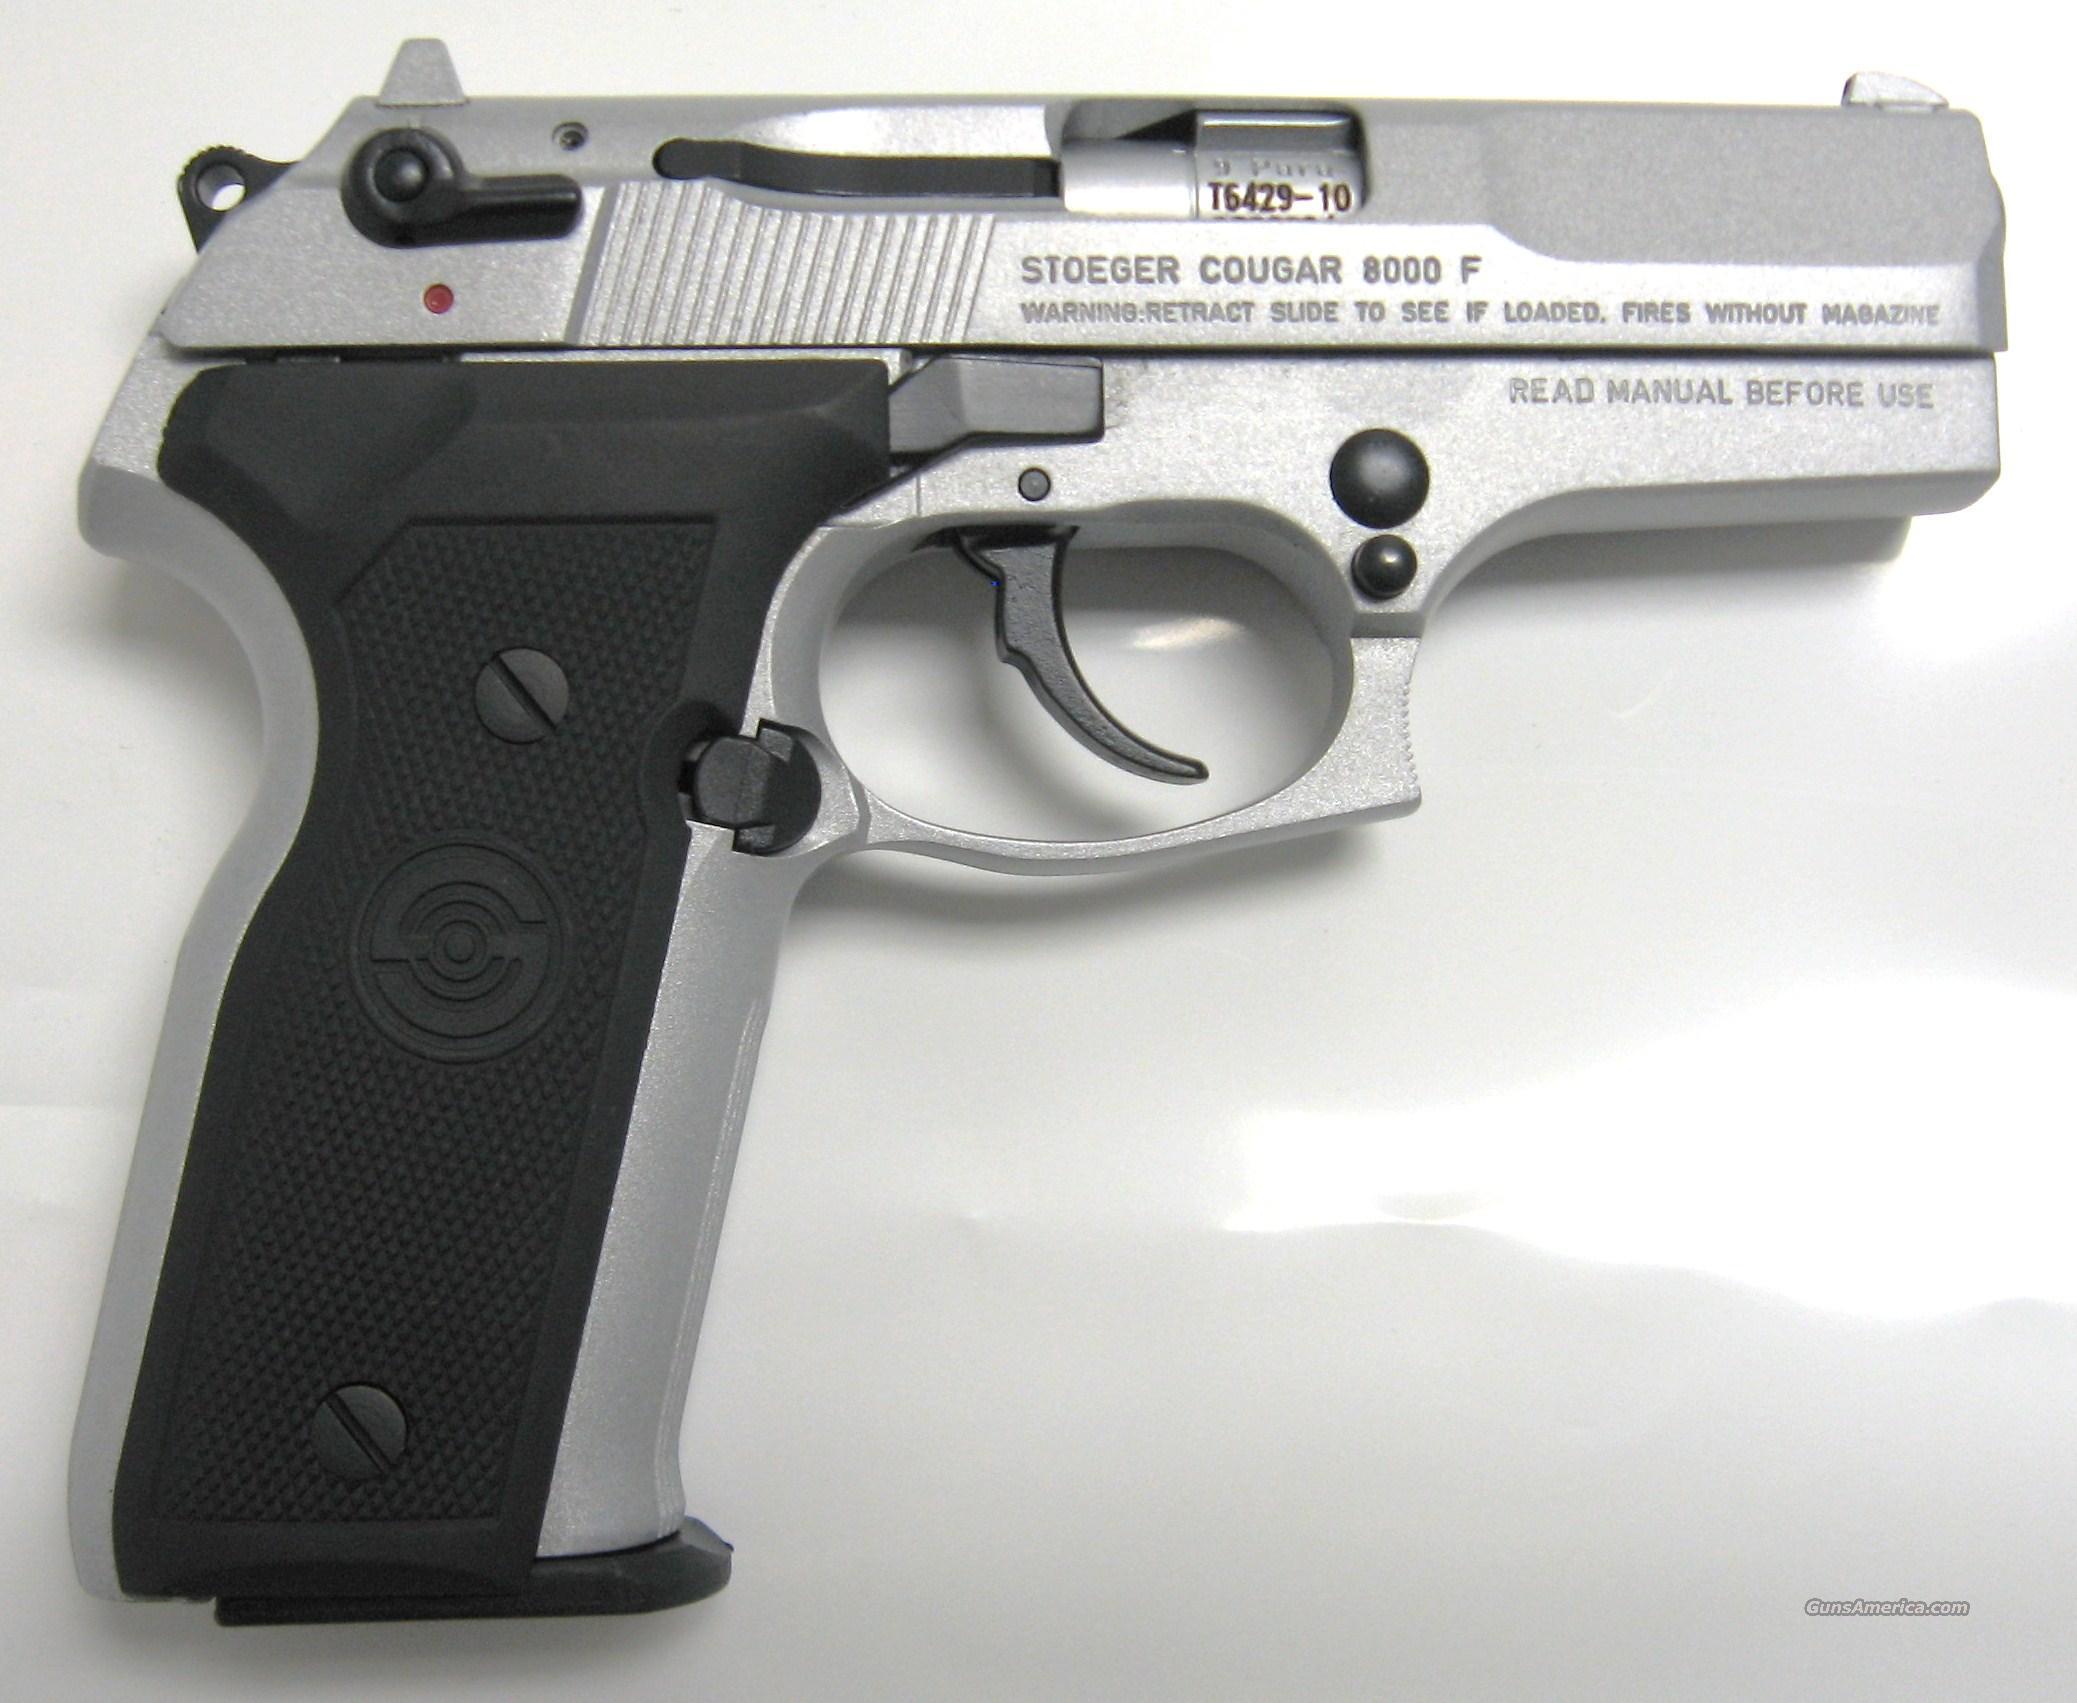 Stoeger cougar 8000 f 9mm guns gt pistols gt s misc pistols